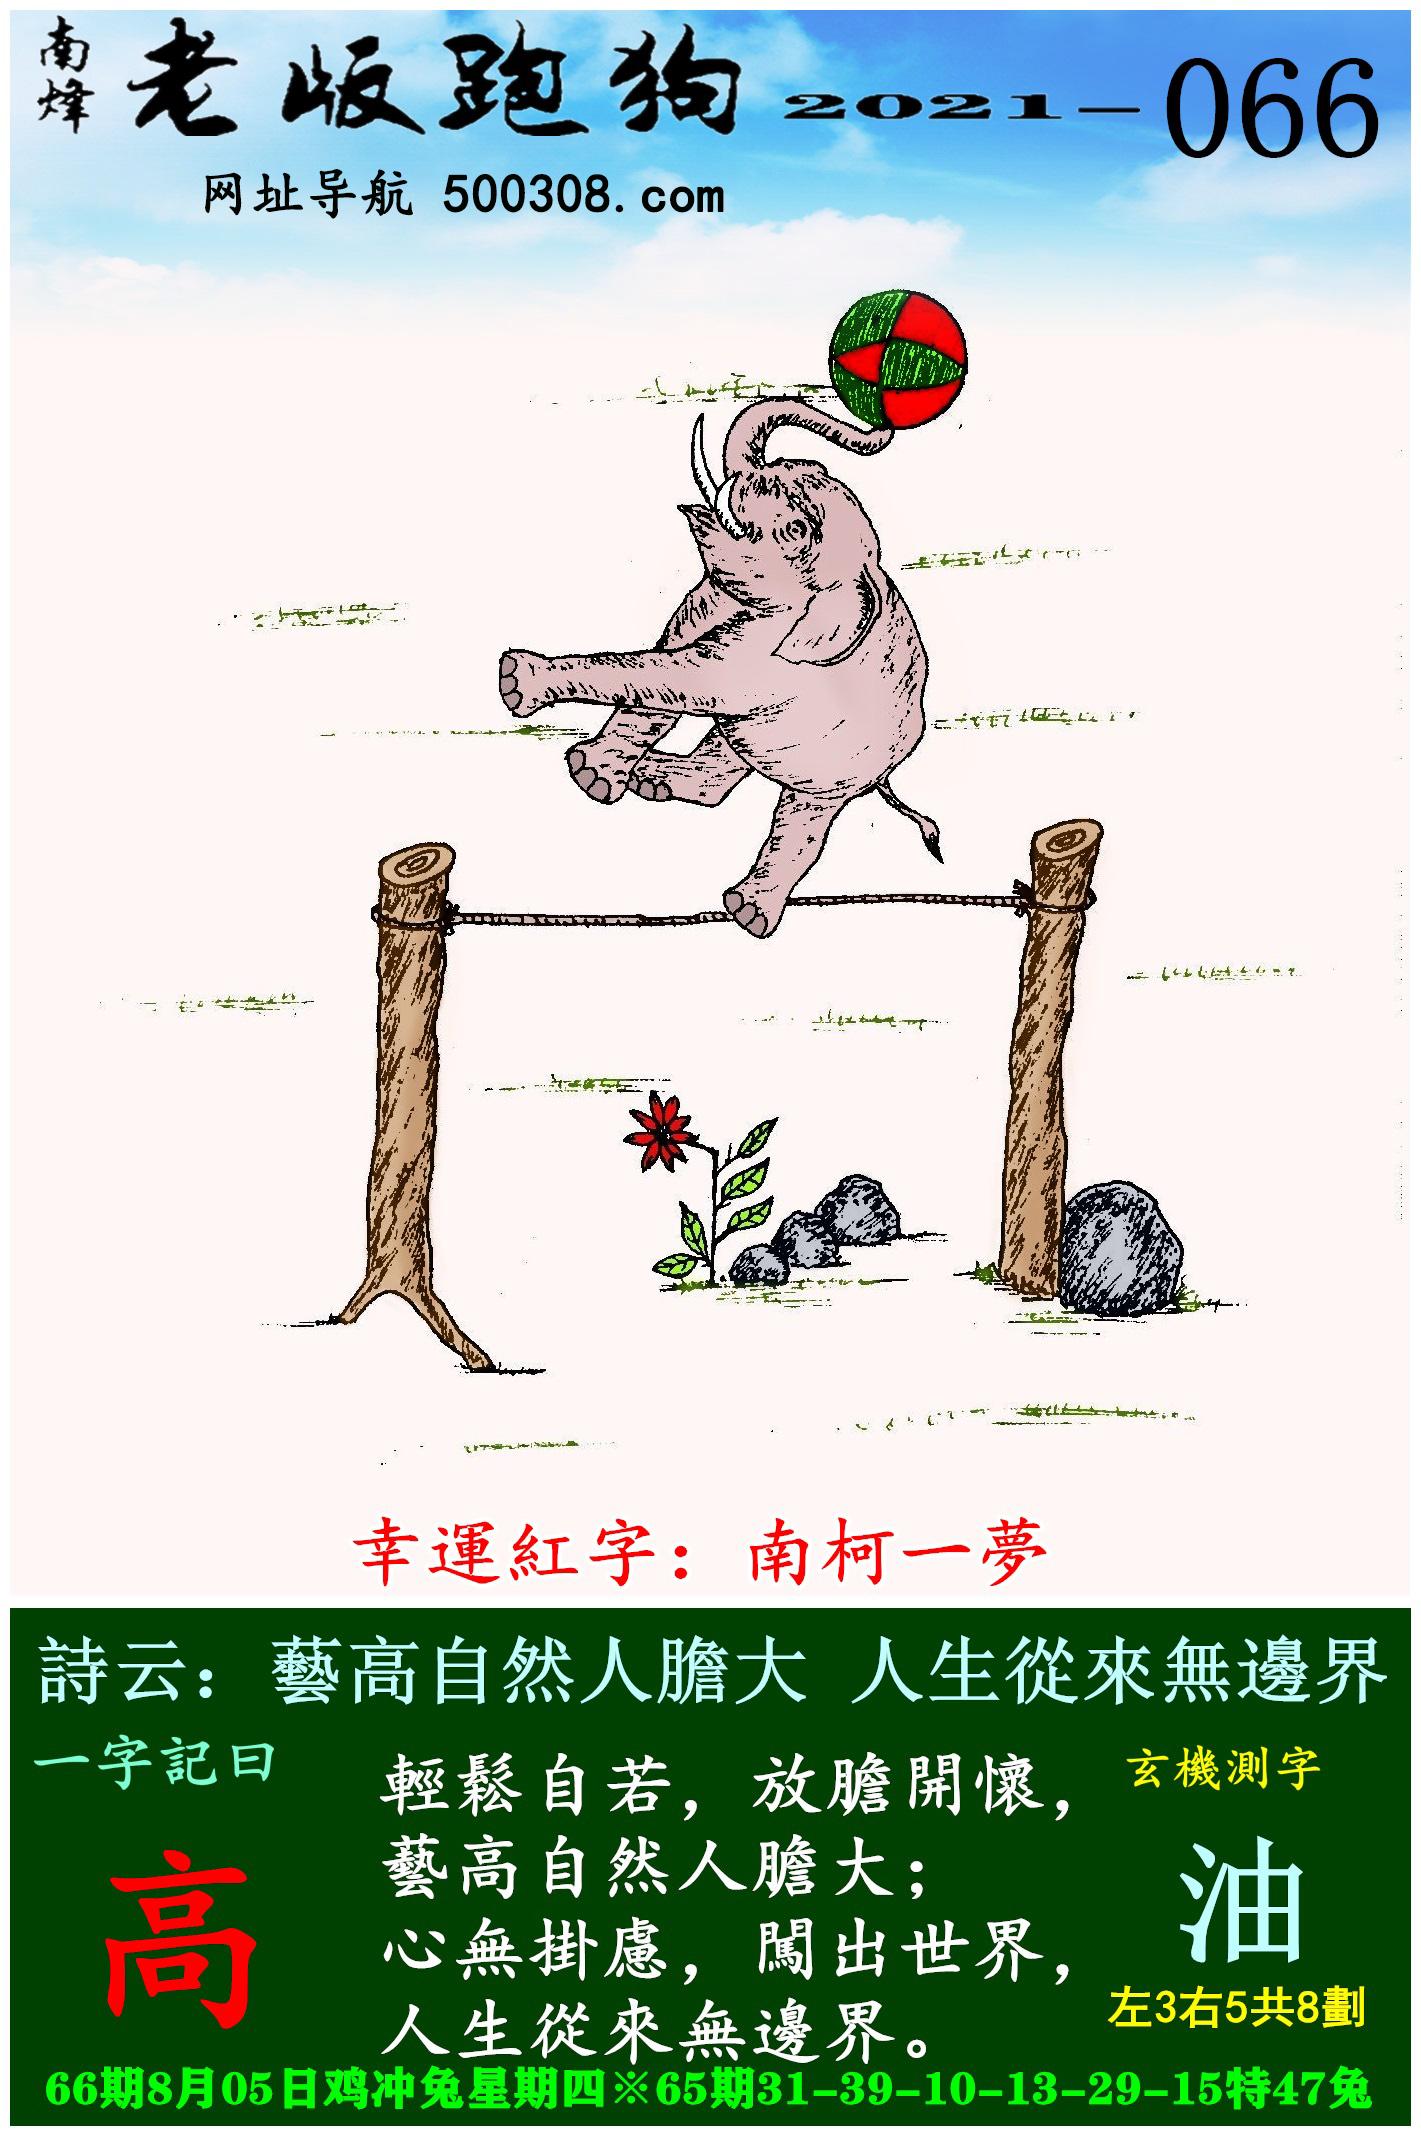 066期老版跑狗一字�之曰:【高】 ��:�高自然人�大,人生���o�界。